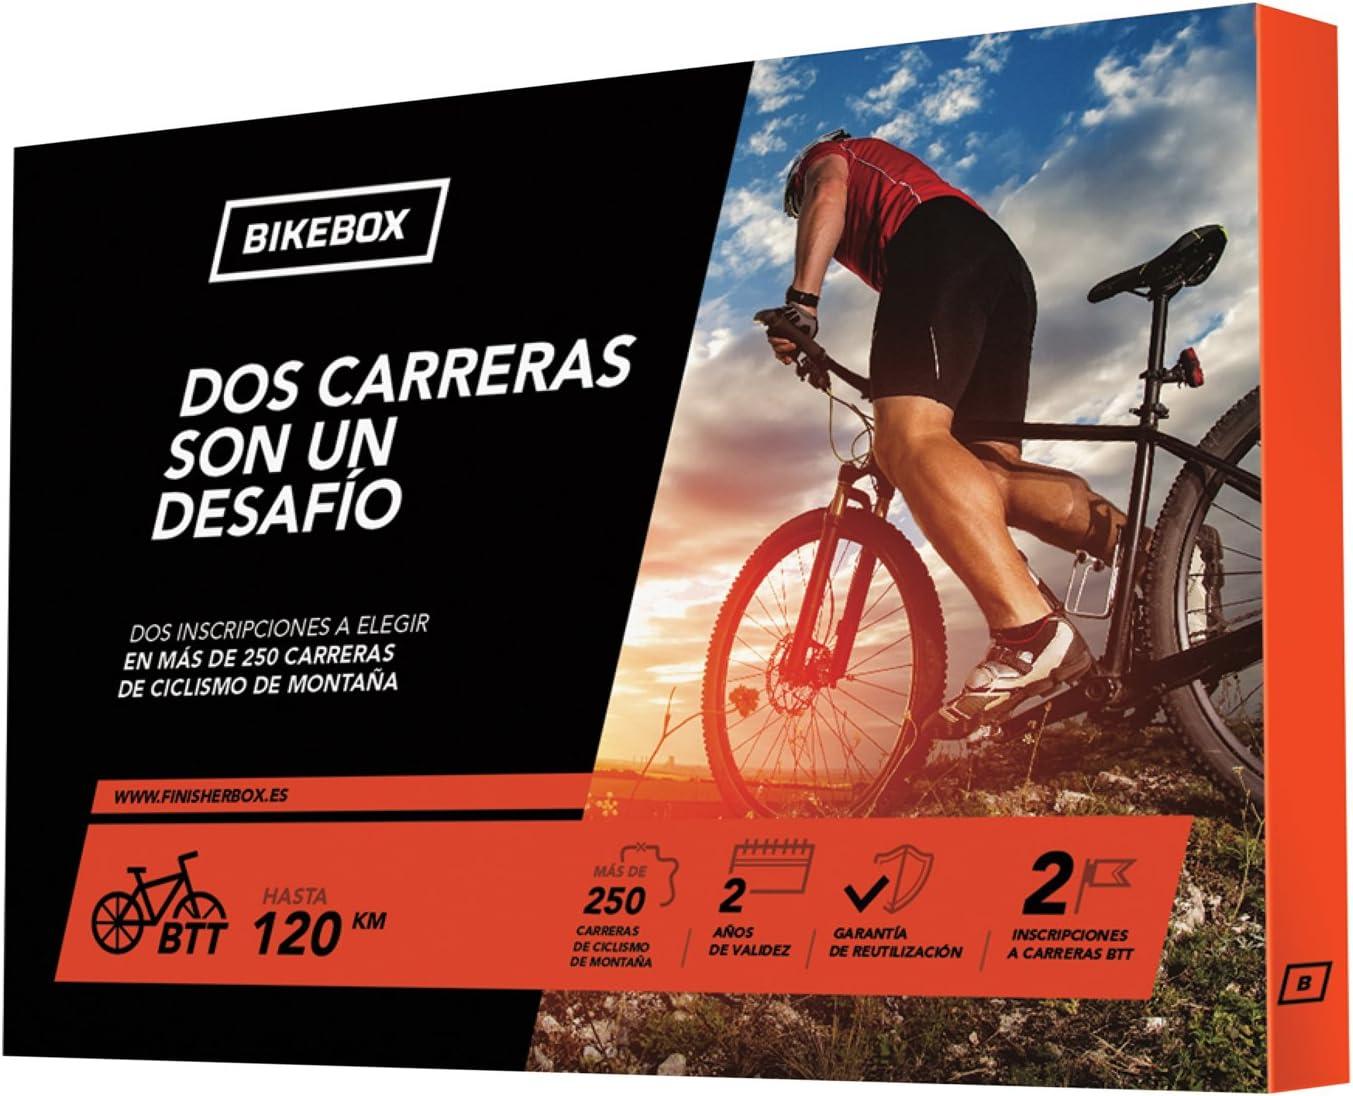 BikeBox - Caja regalo para ciclistas - DOS CARRERAS UN DESAFÍO - Regala dos carreras de ciclismo de montaña - Más de 250